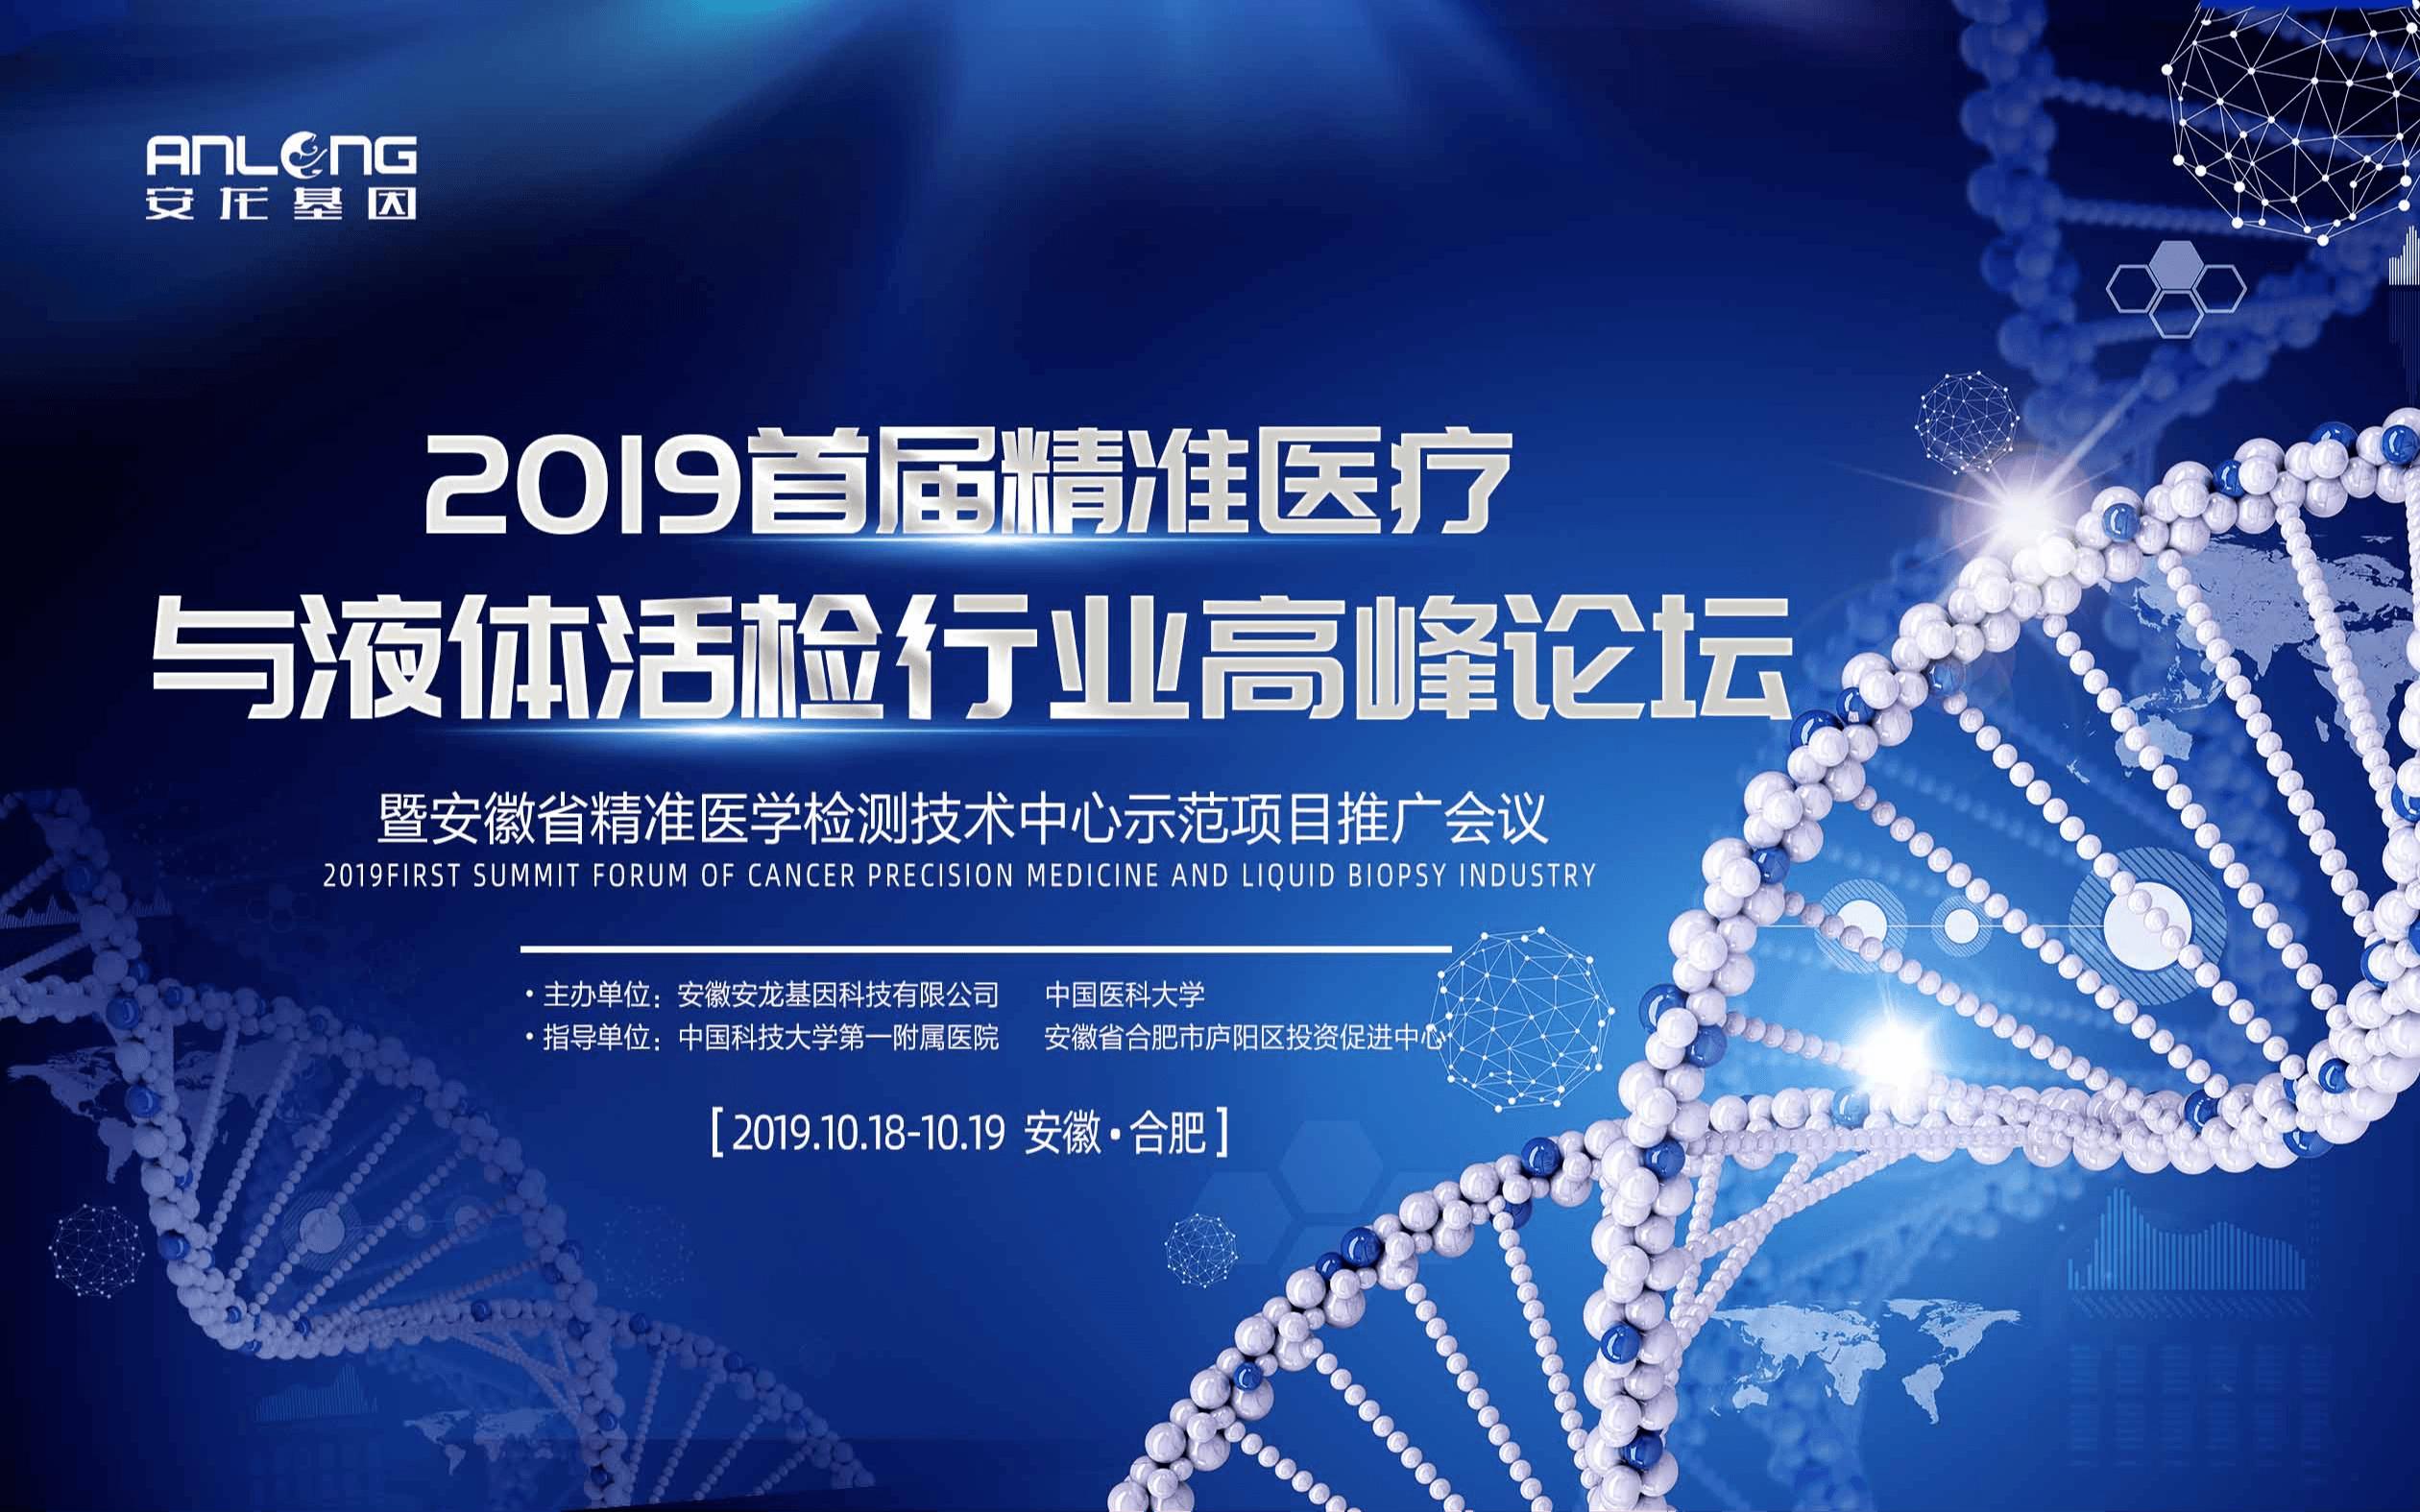 2019首屆腫瘤精準醫療與液體活檢行業高峰論壇暨安徽省精準醫學檢測技術中心示范項目推廣會議(合肥)